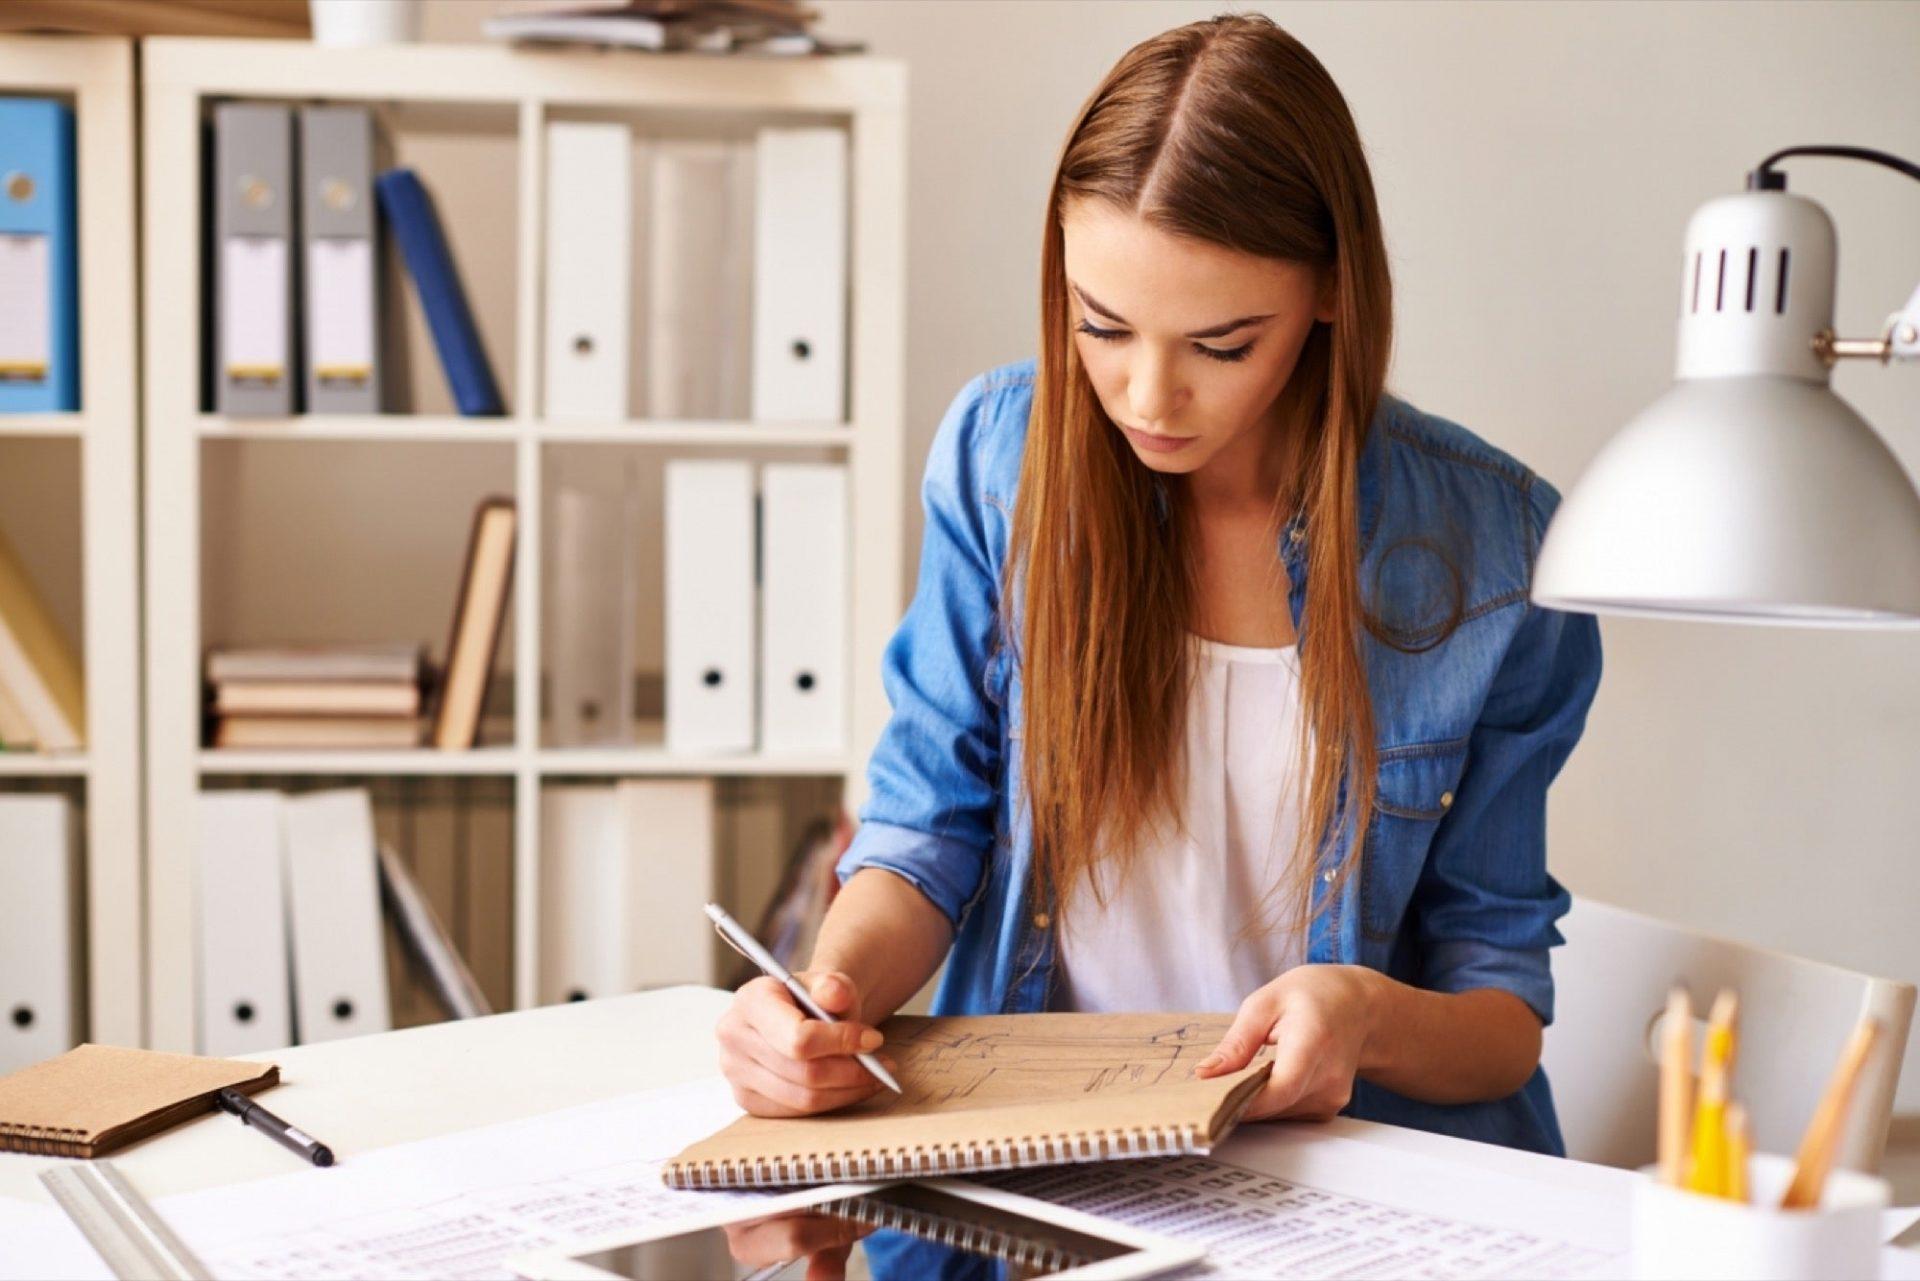 Các khóa học tiếng Anh tích hợp THPT có thể là một trong các gợi ý phù hợp cho học sinh cấp 3 tham khảo